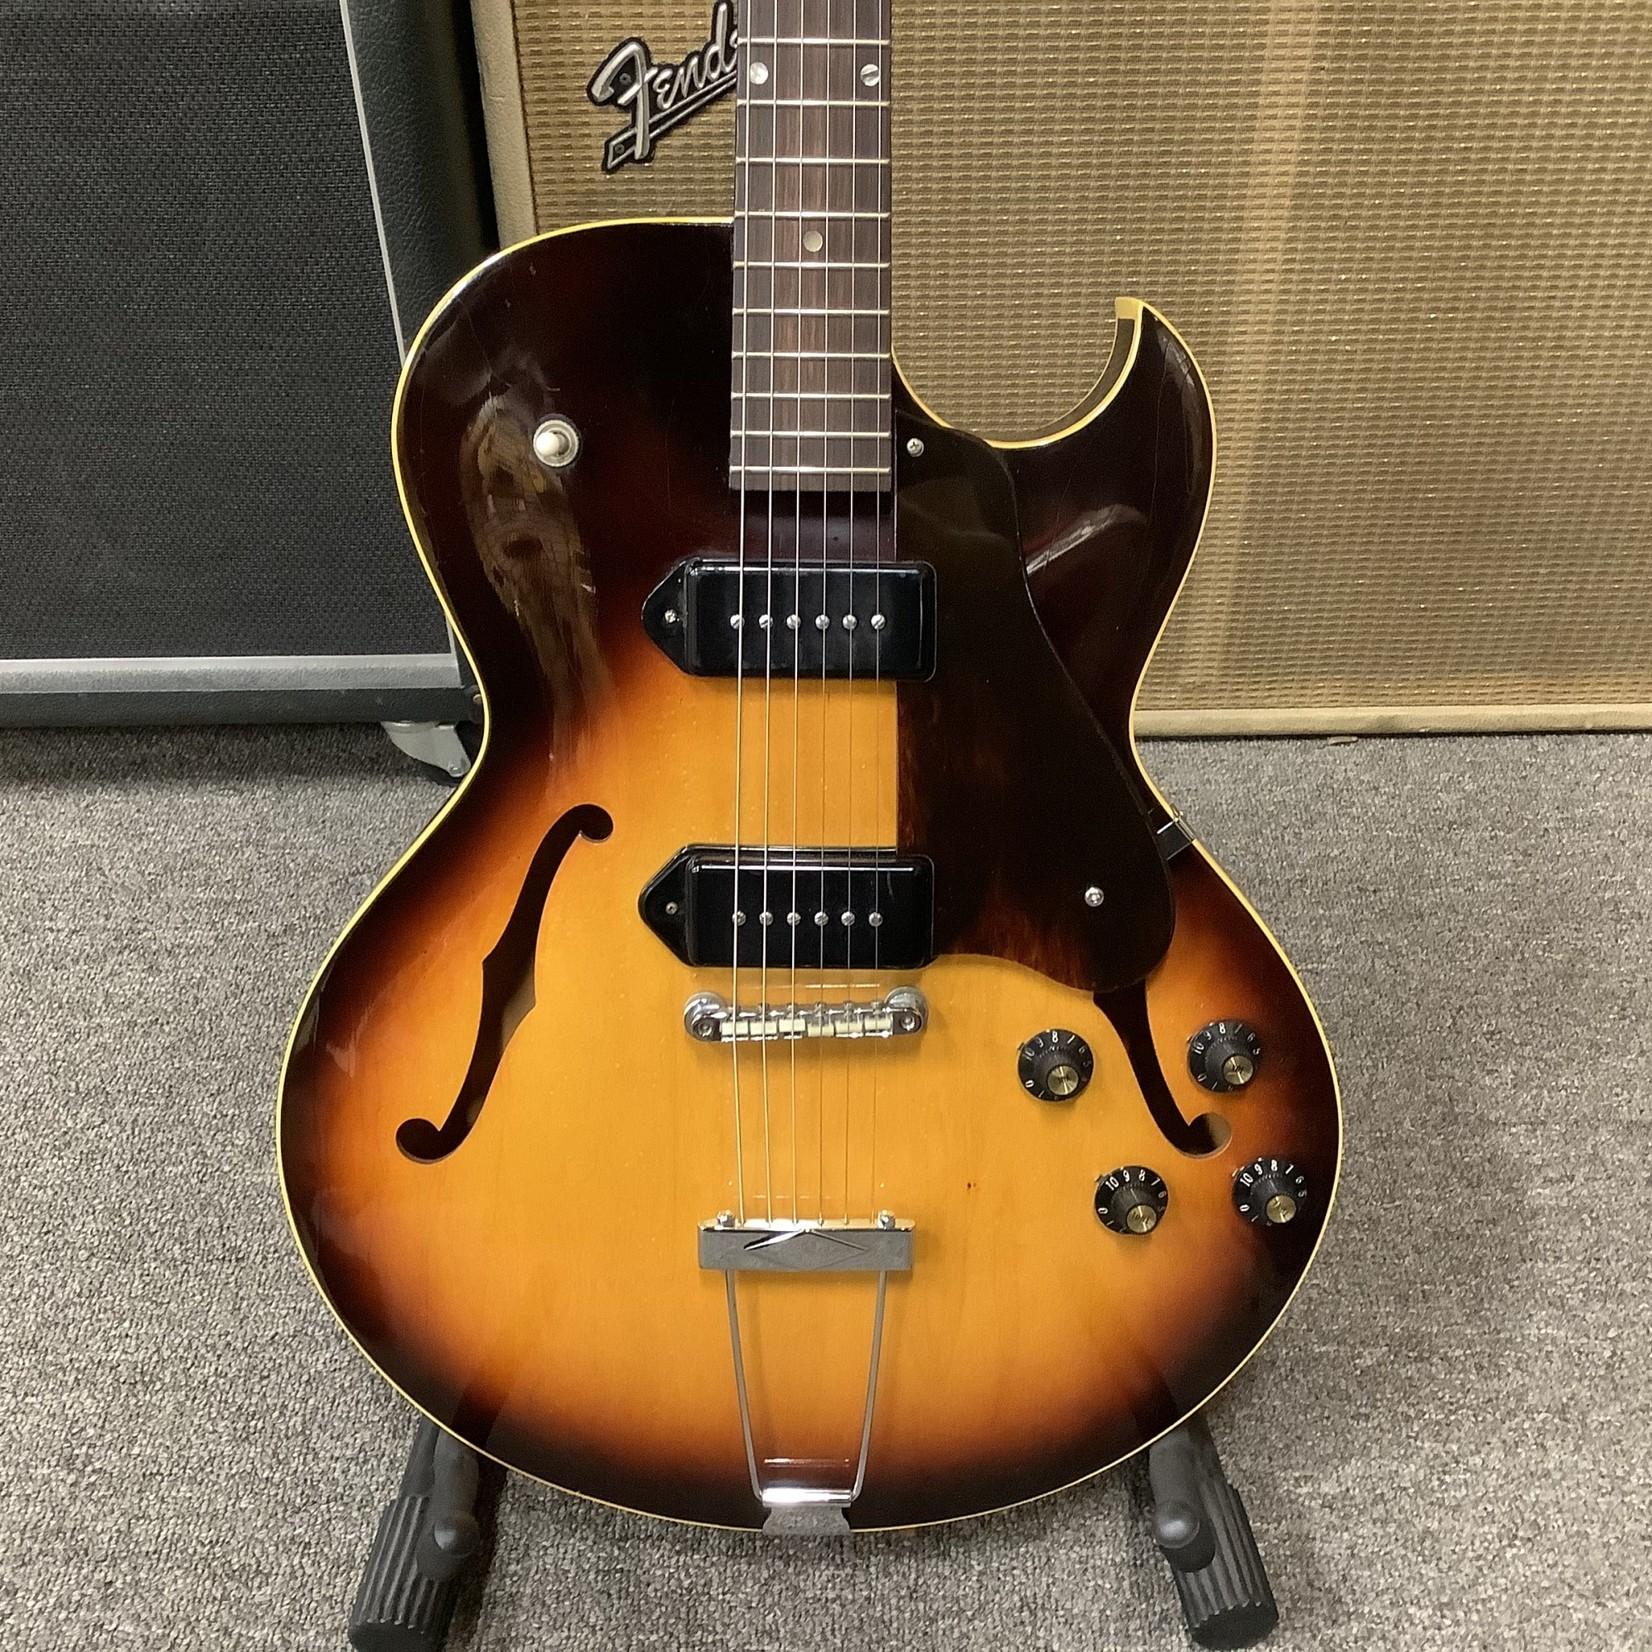 Gibson 1968 Gibson ES-125 Sunburst